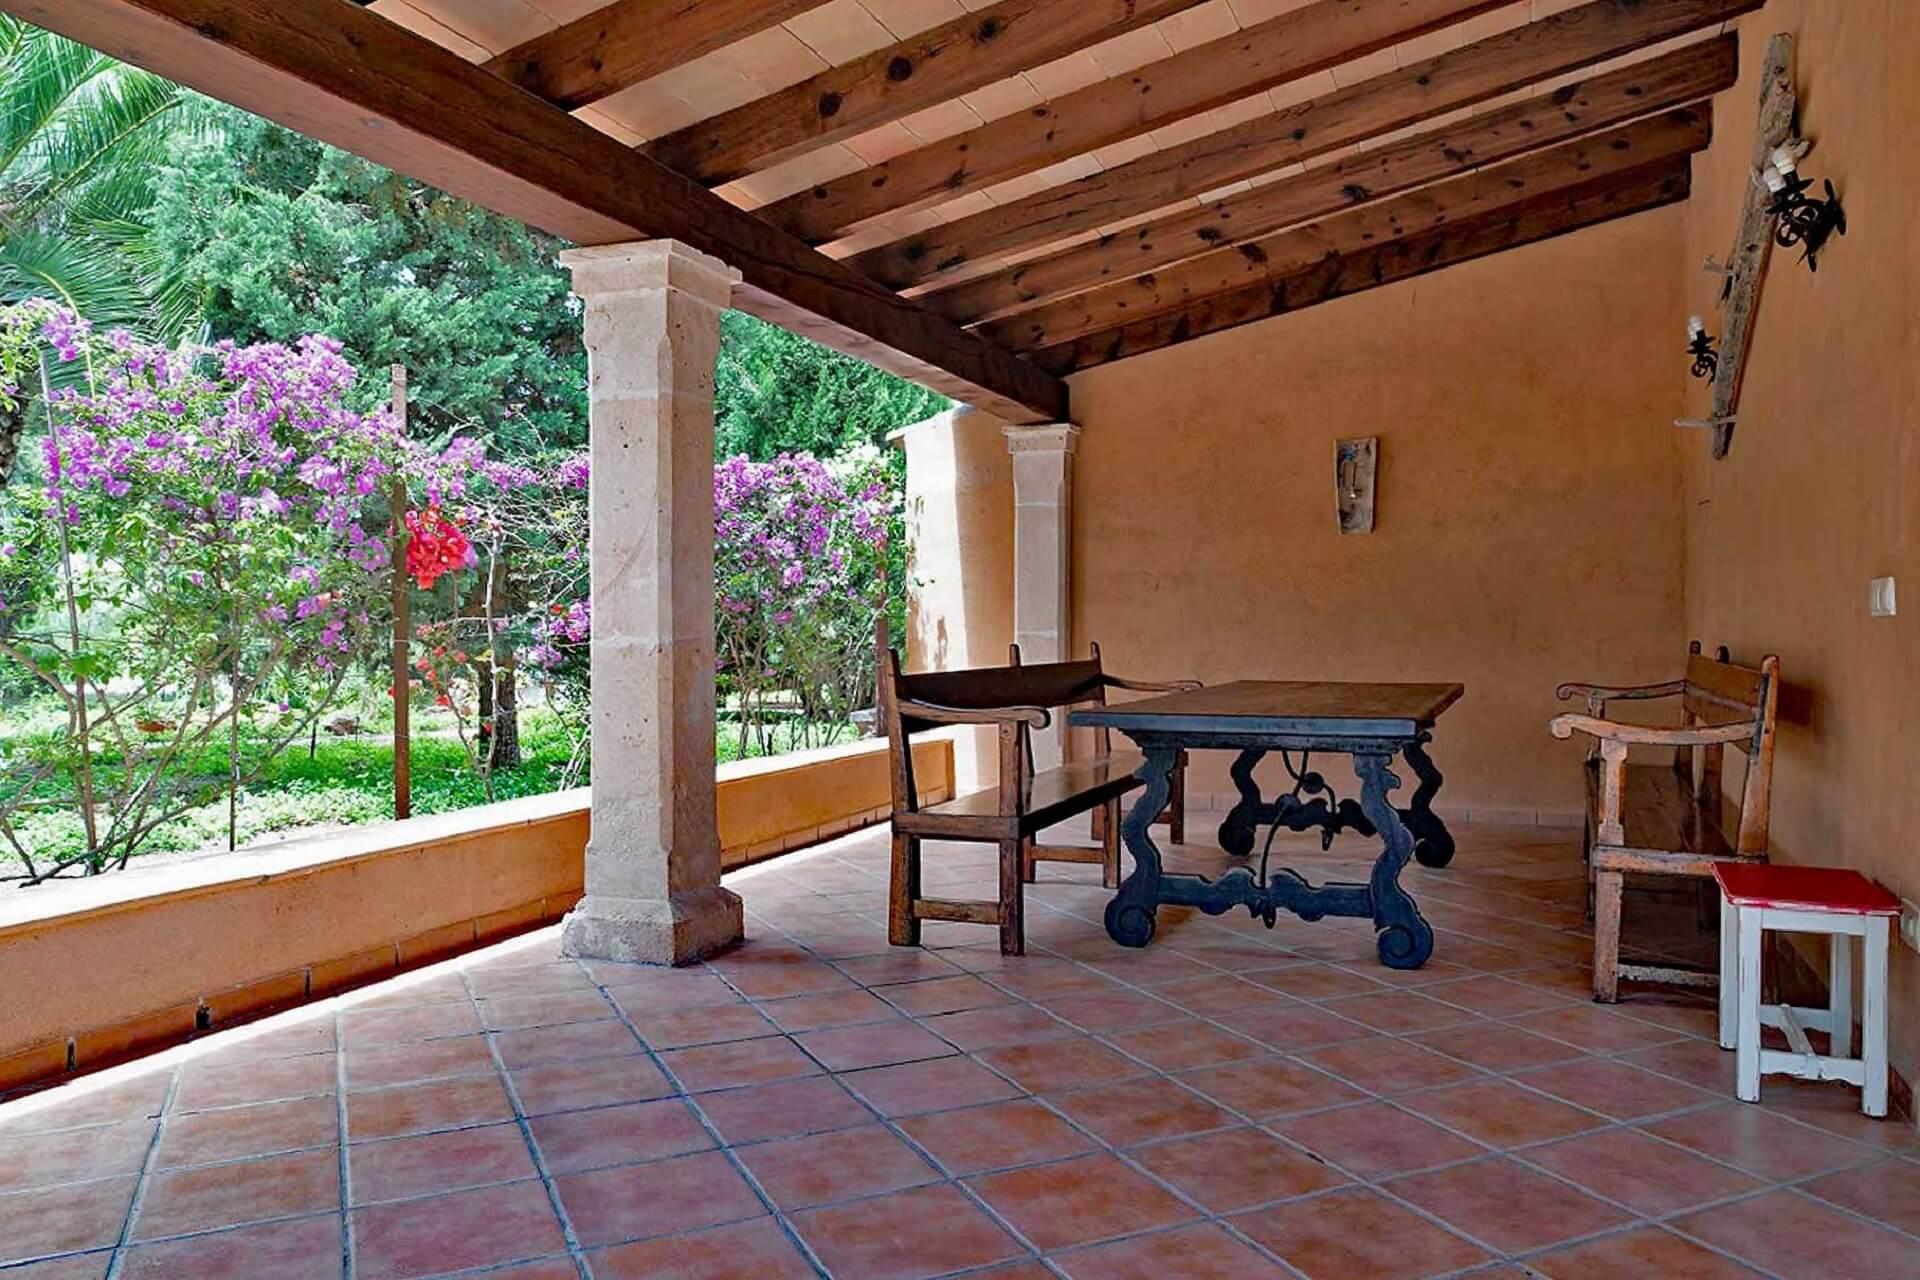 Finca C'an Murtera - Terrace nearby entrance